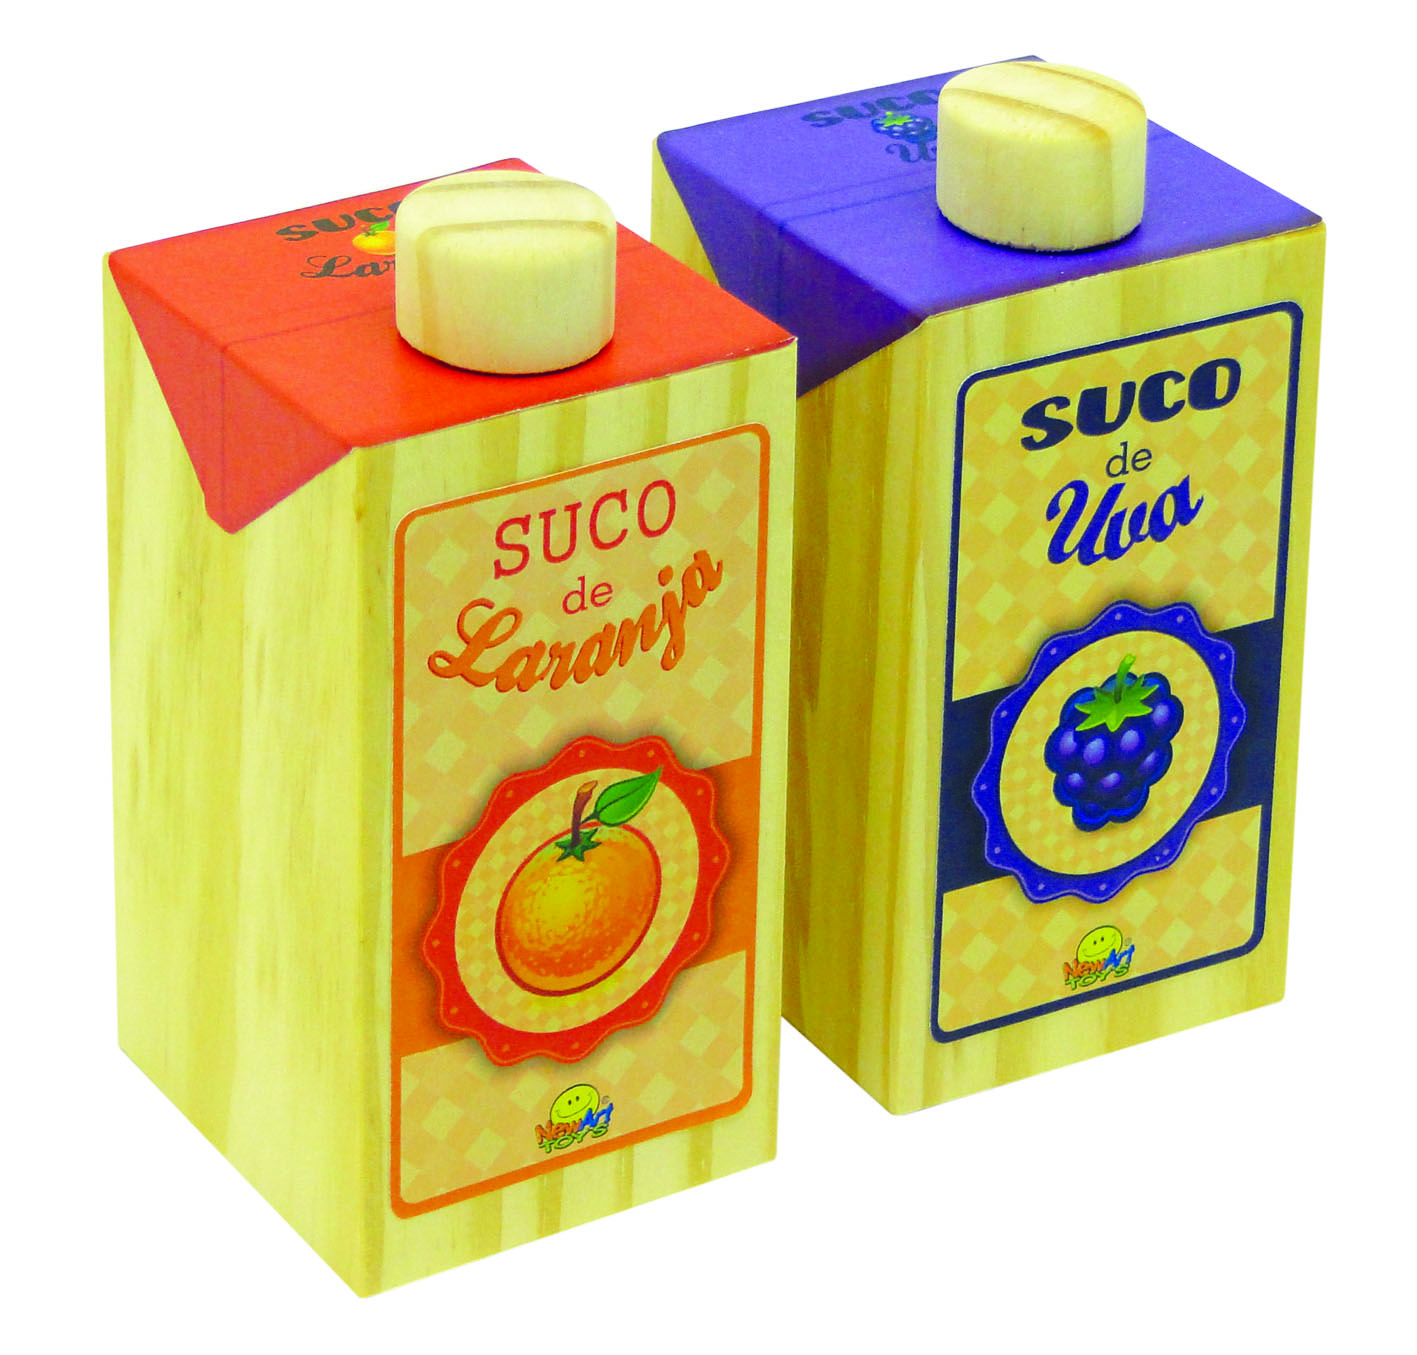 suco de caixinha